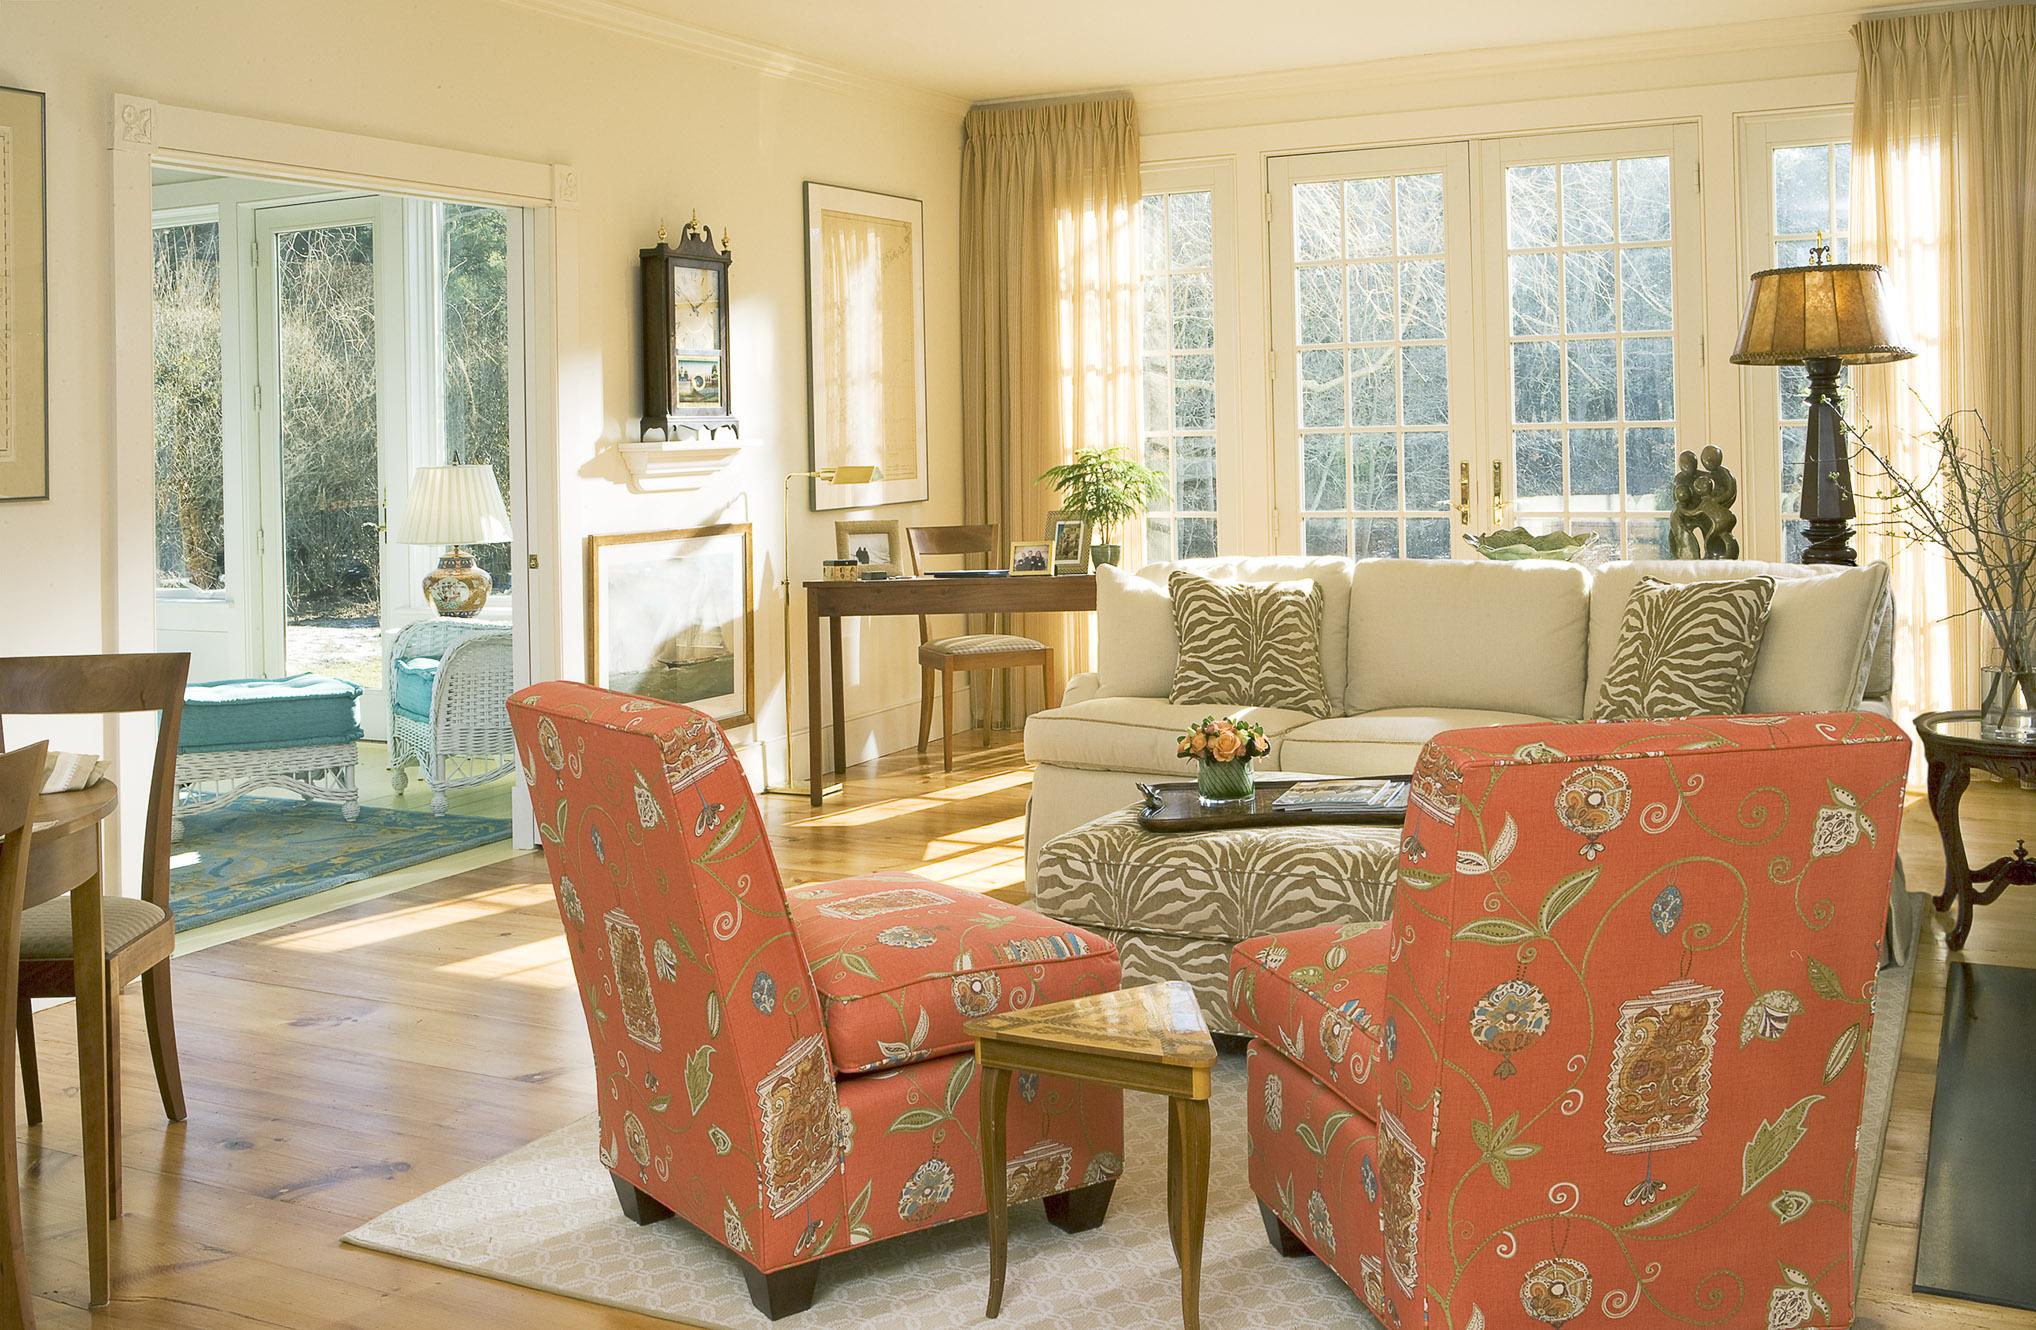 Decorating A Den Images - Interior Design Ideas - renovetec.us